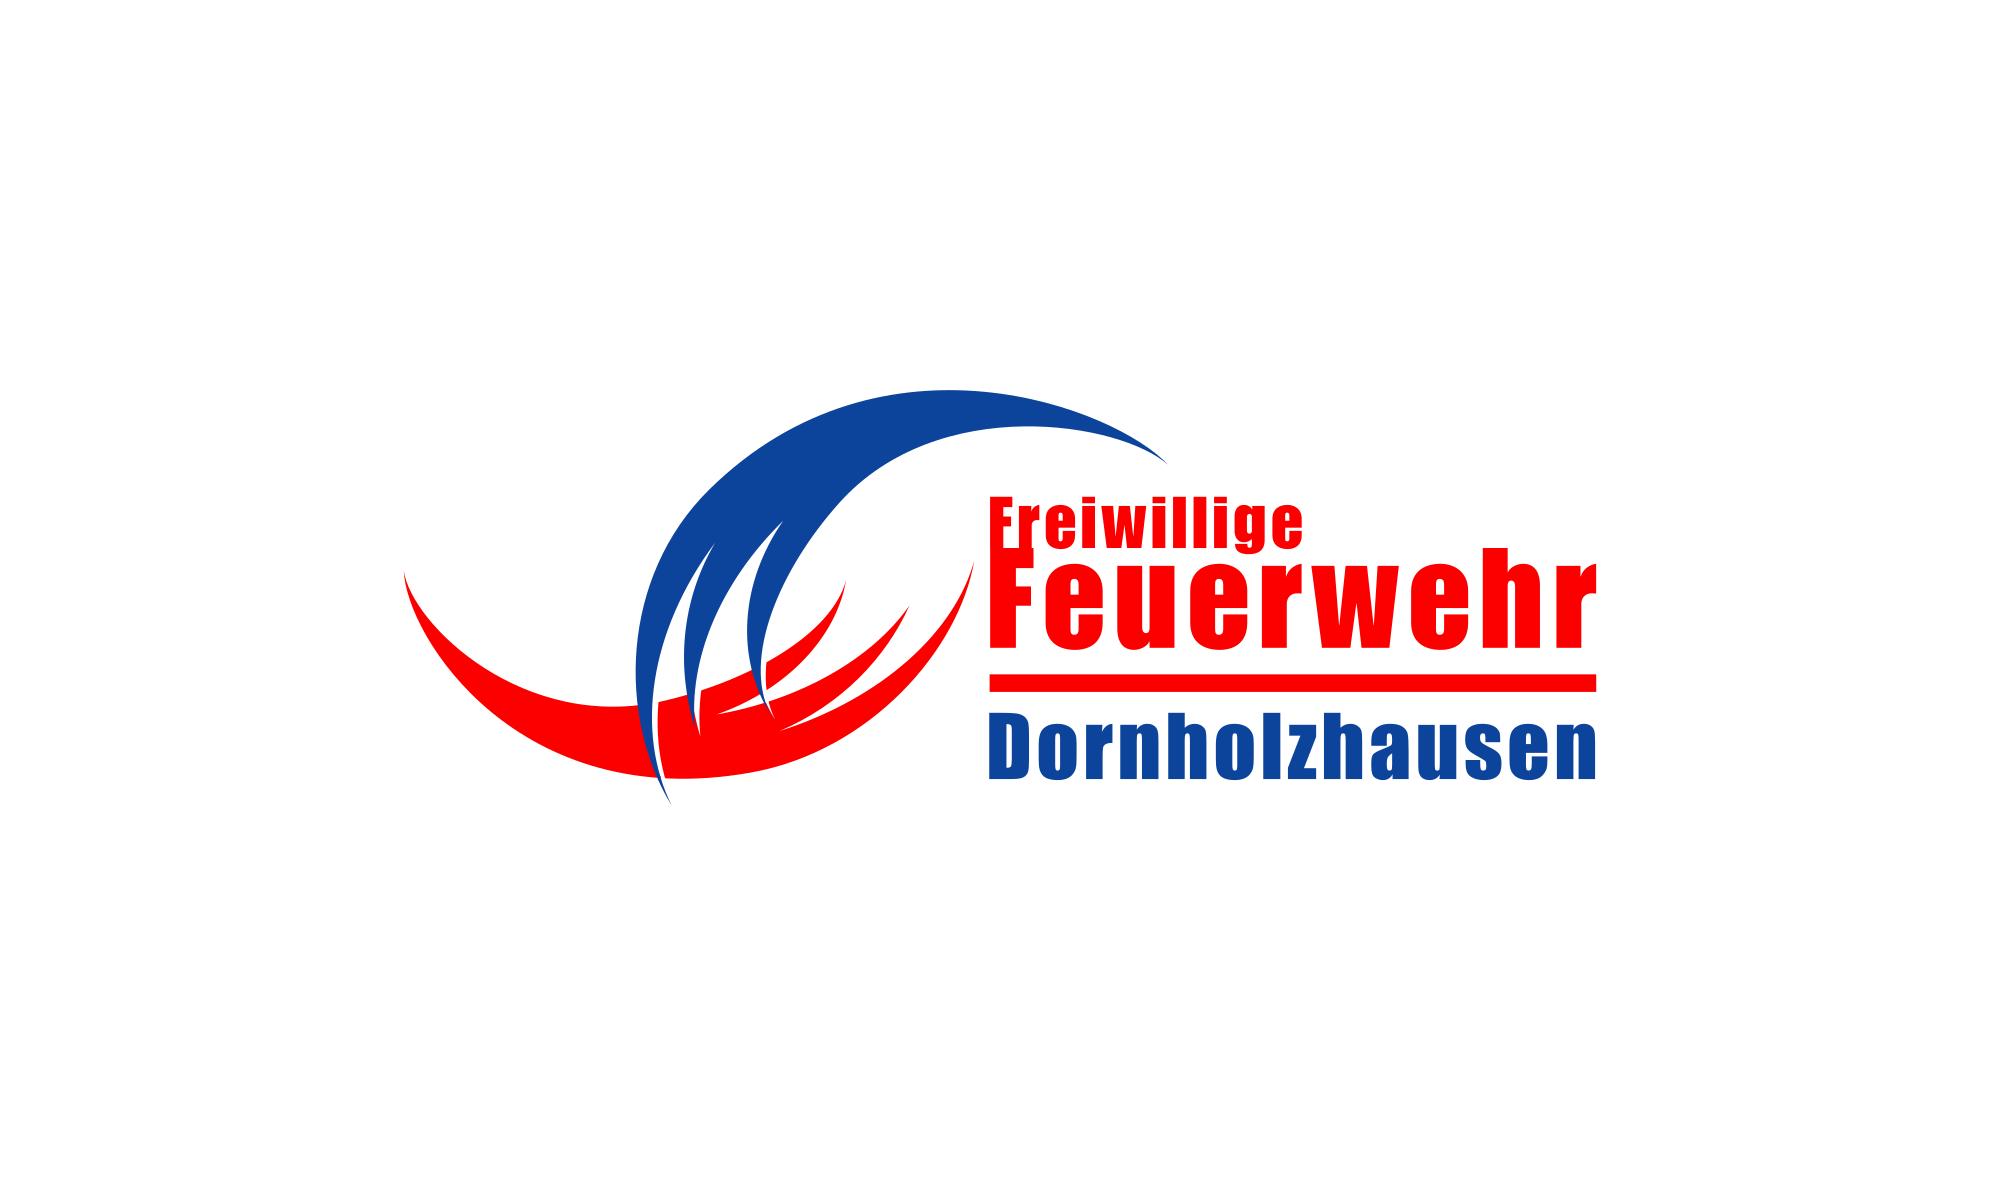 Freiwillige Feuerwehr Dornholzhausen